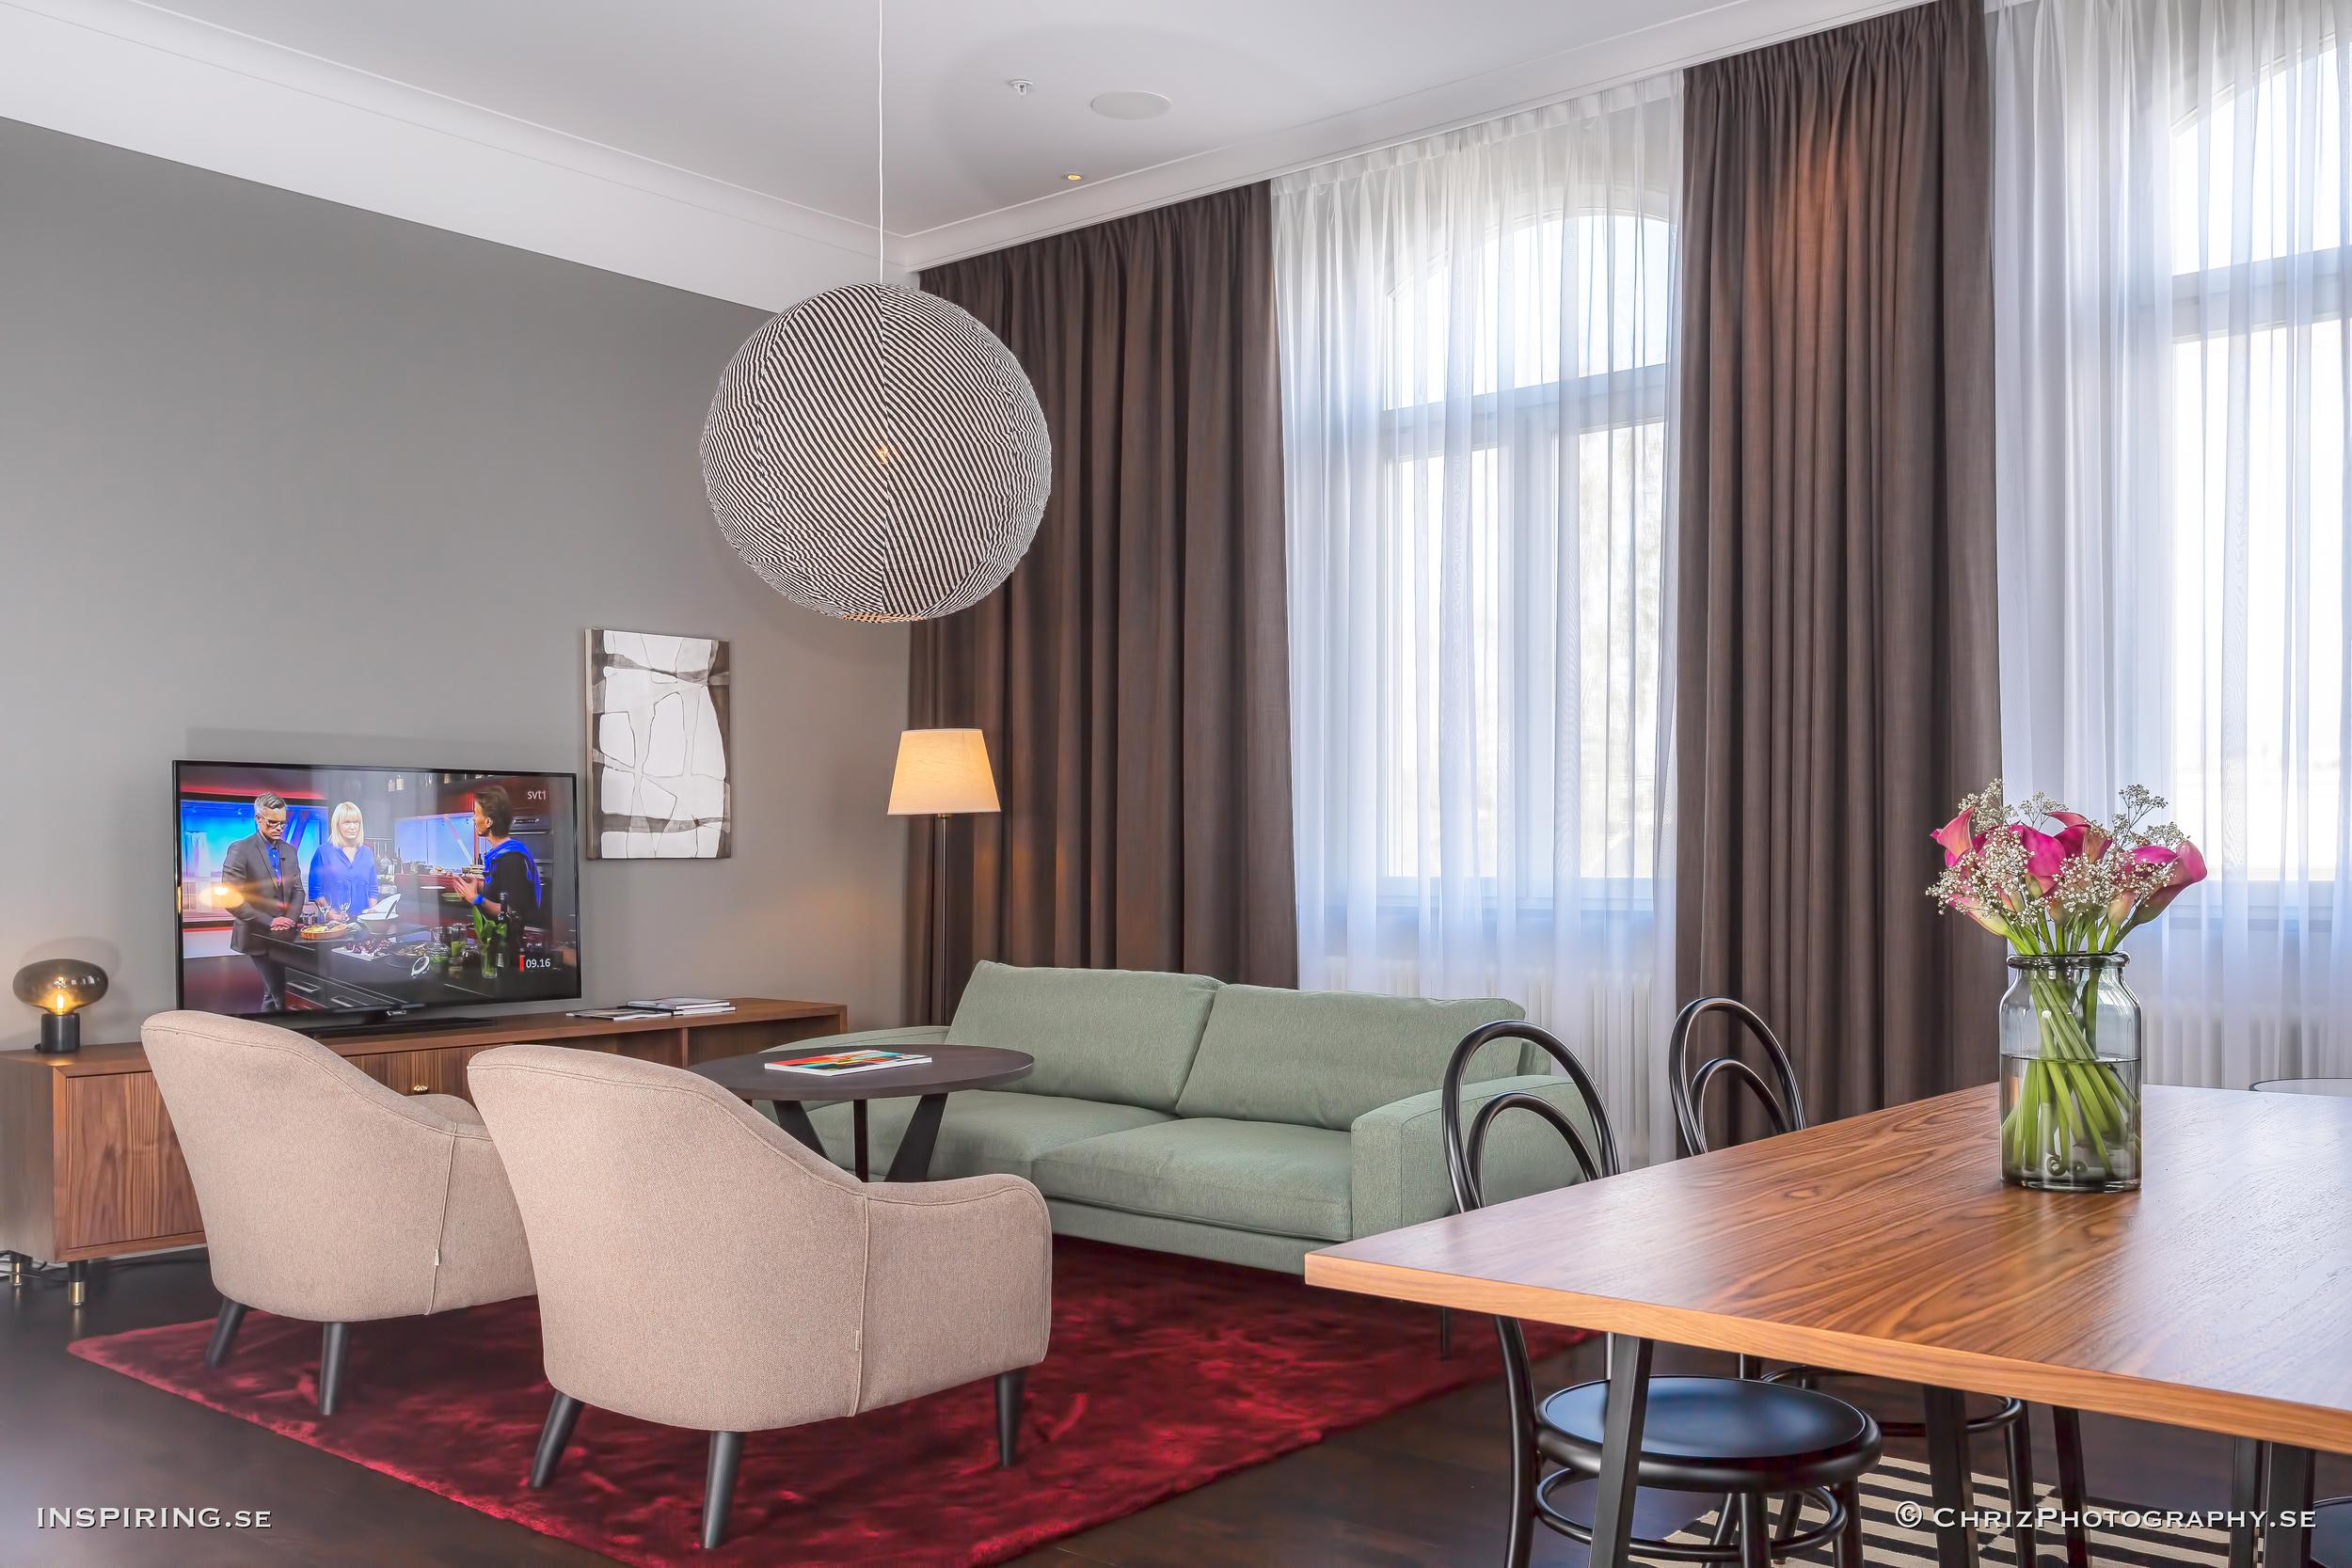 Elite_Hotel_Mimer_Inspiring.se_copyright_ChrizPhotography.se_13.jpg